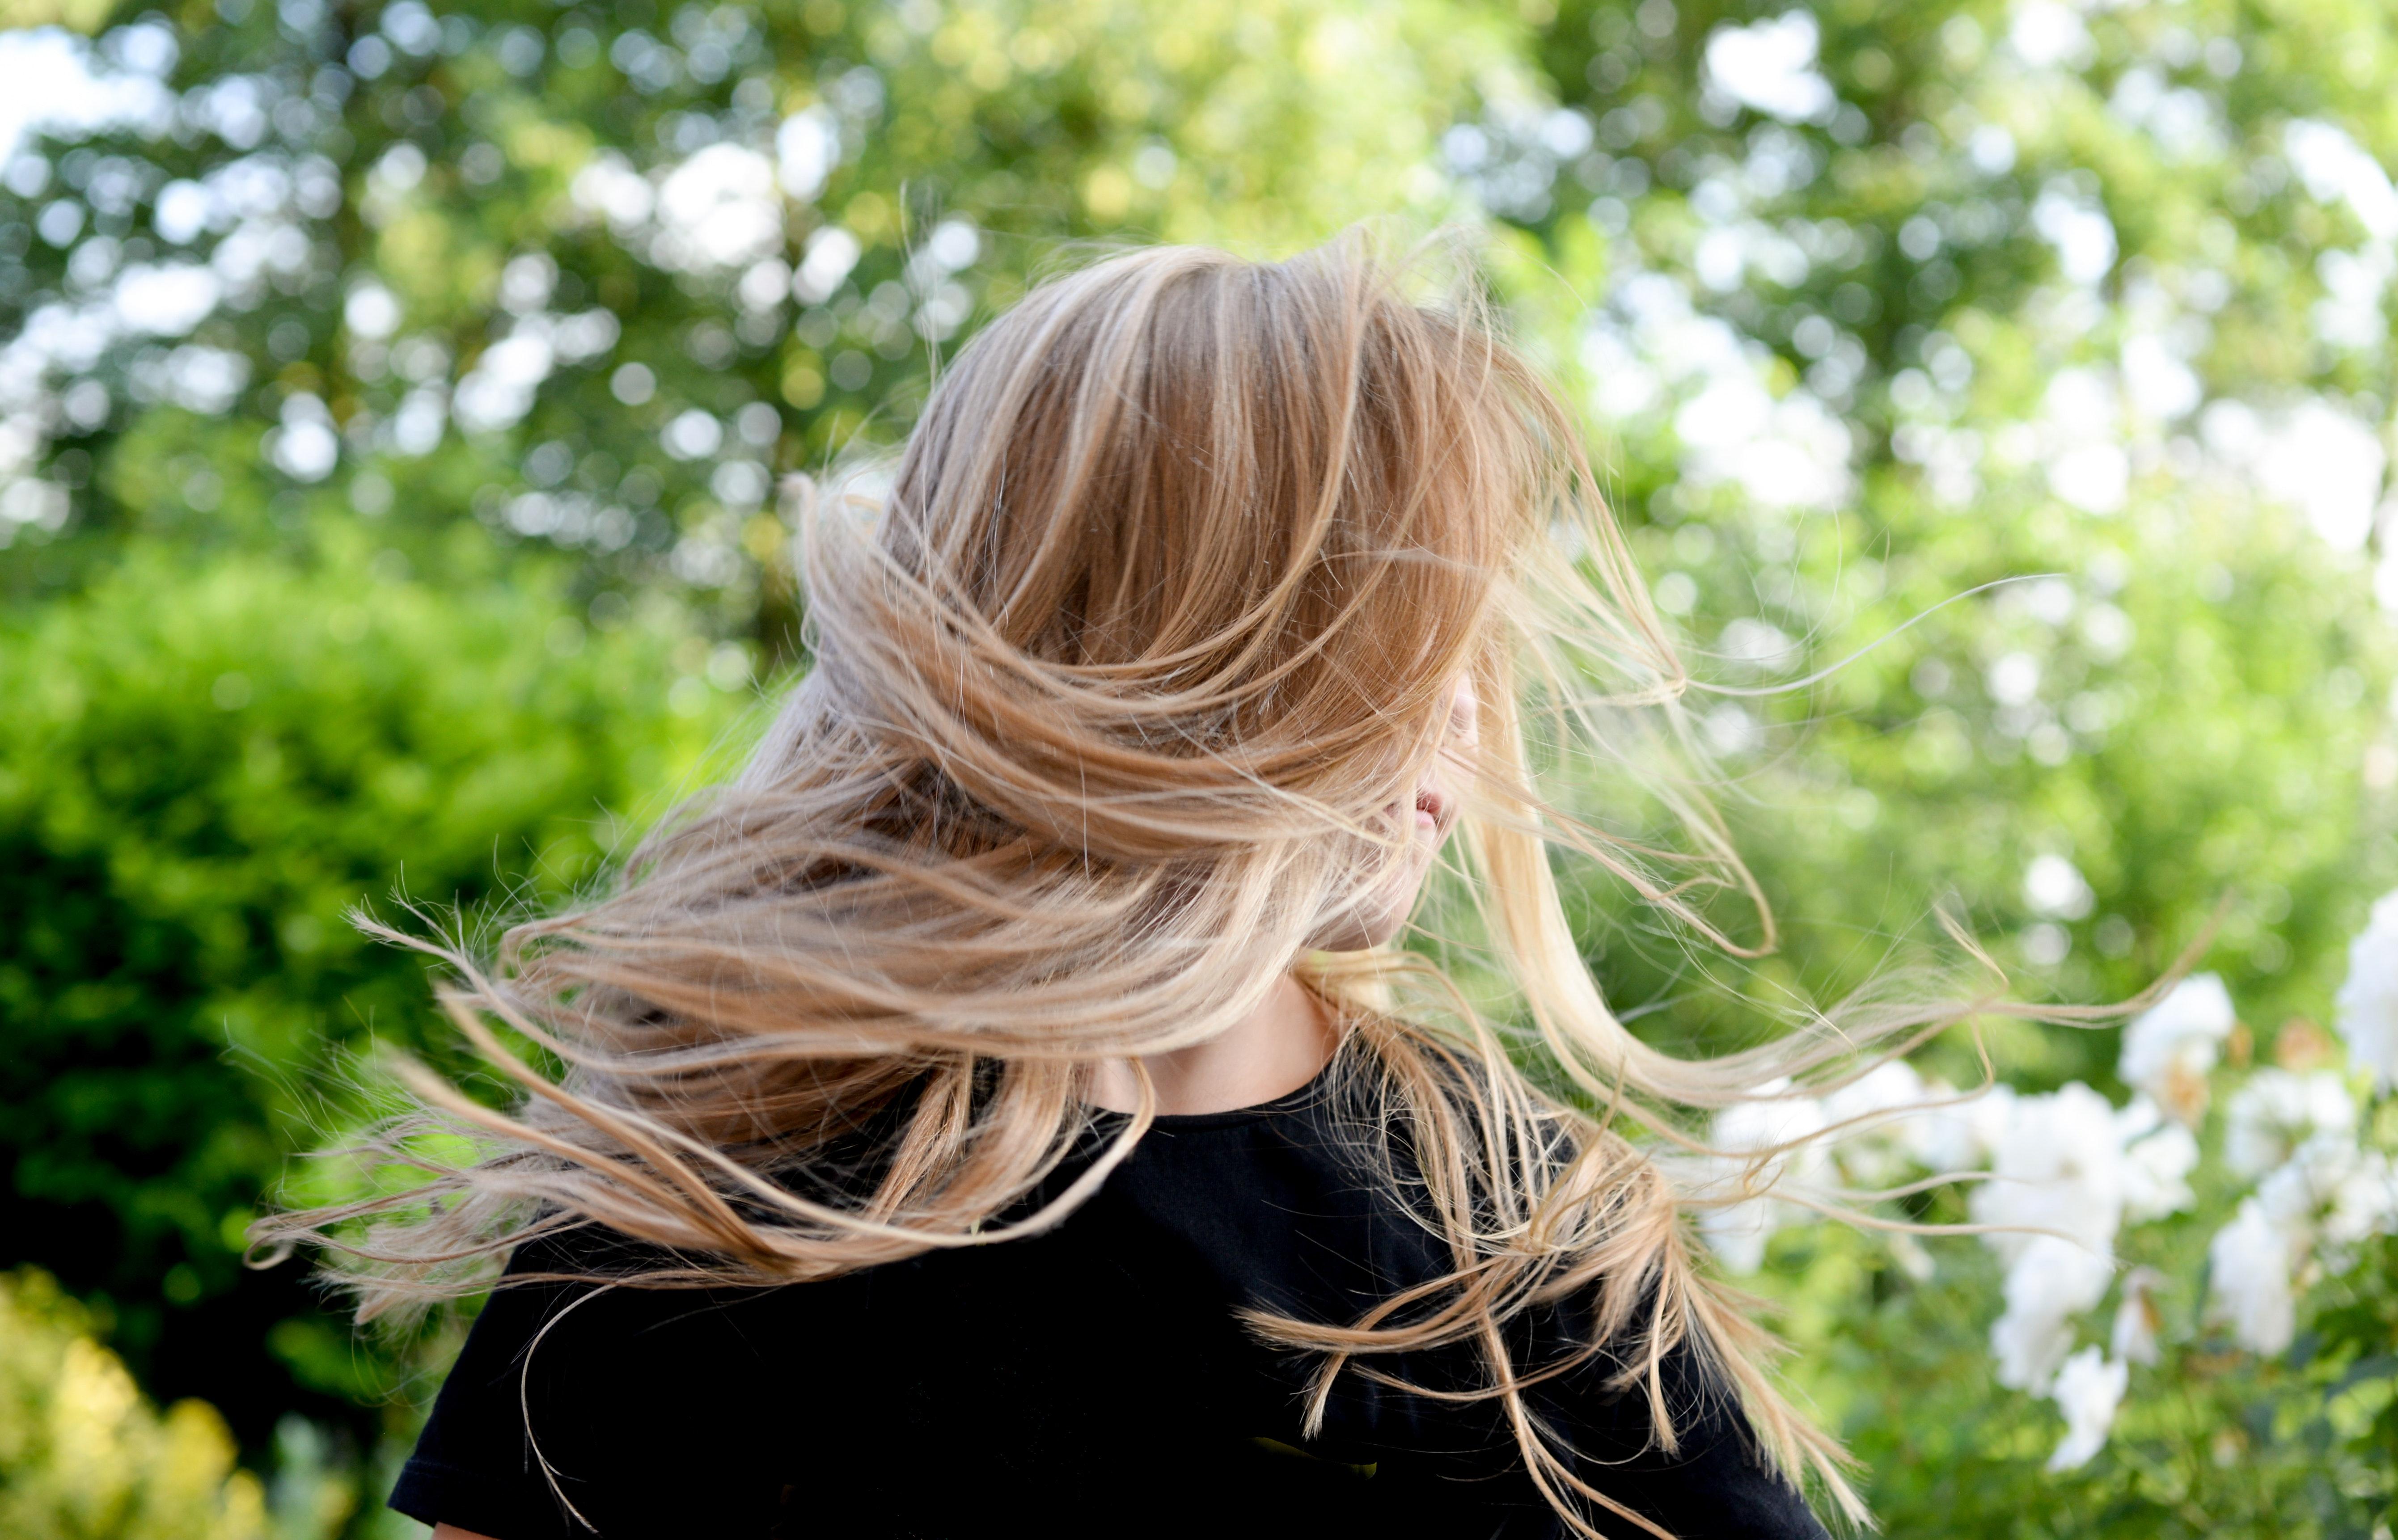 女人穿黑色襯衫1708763.jpg